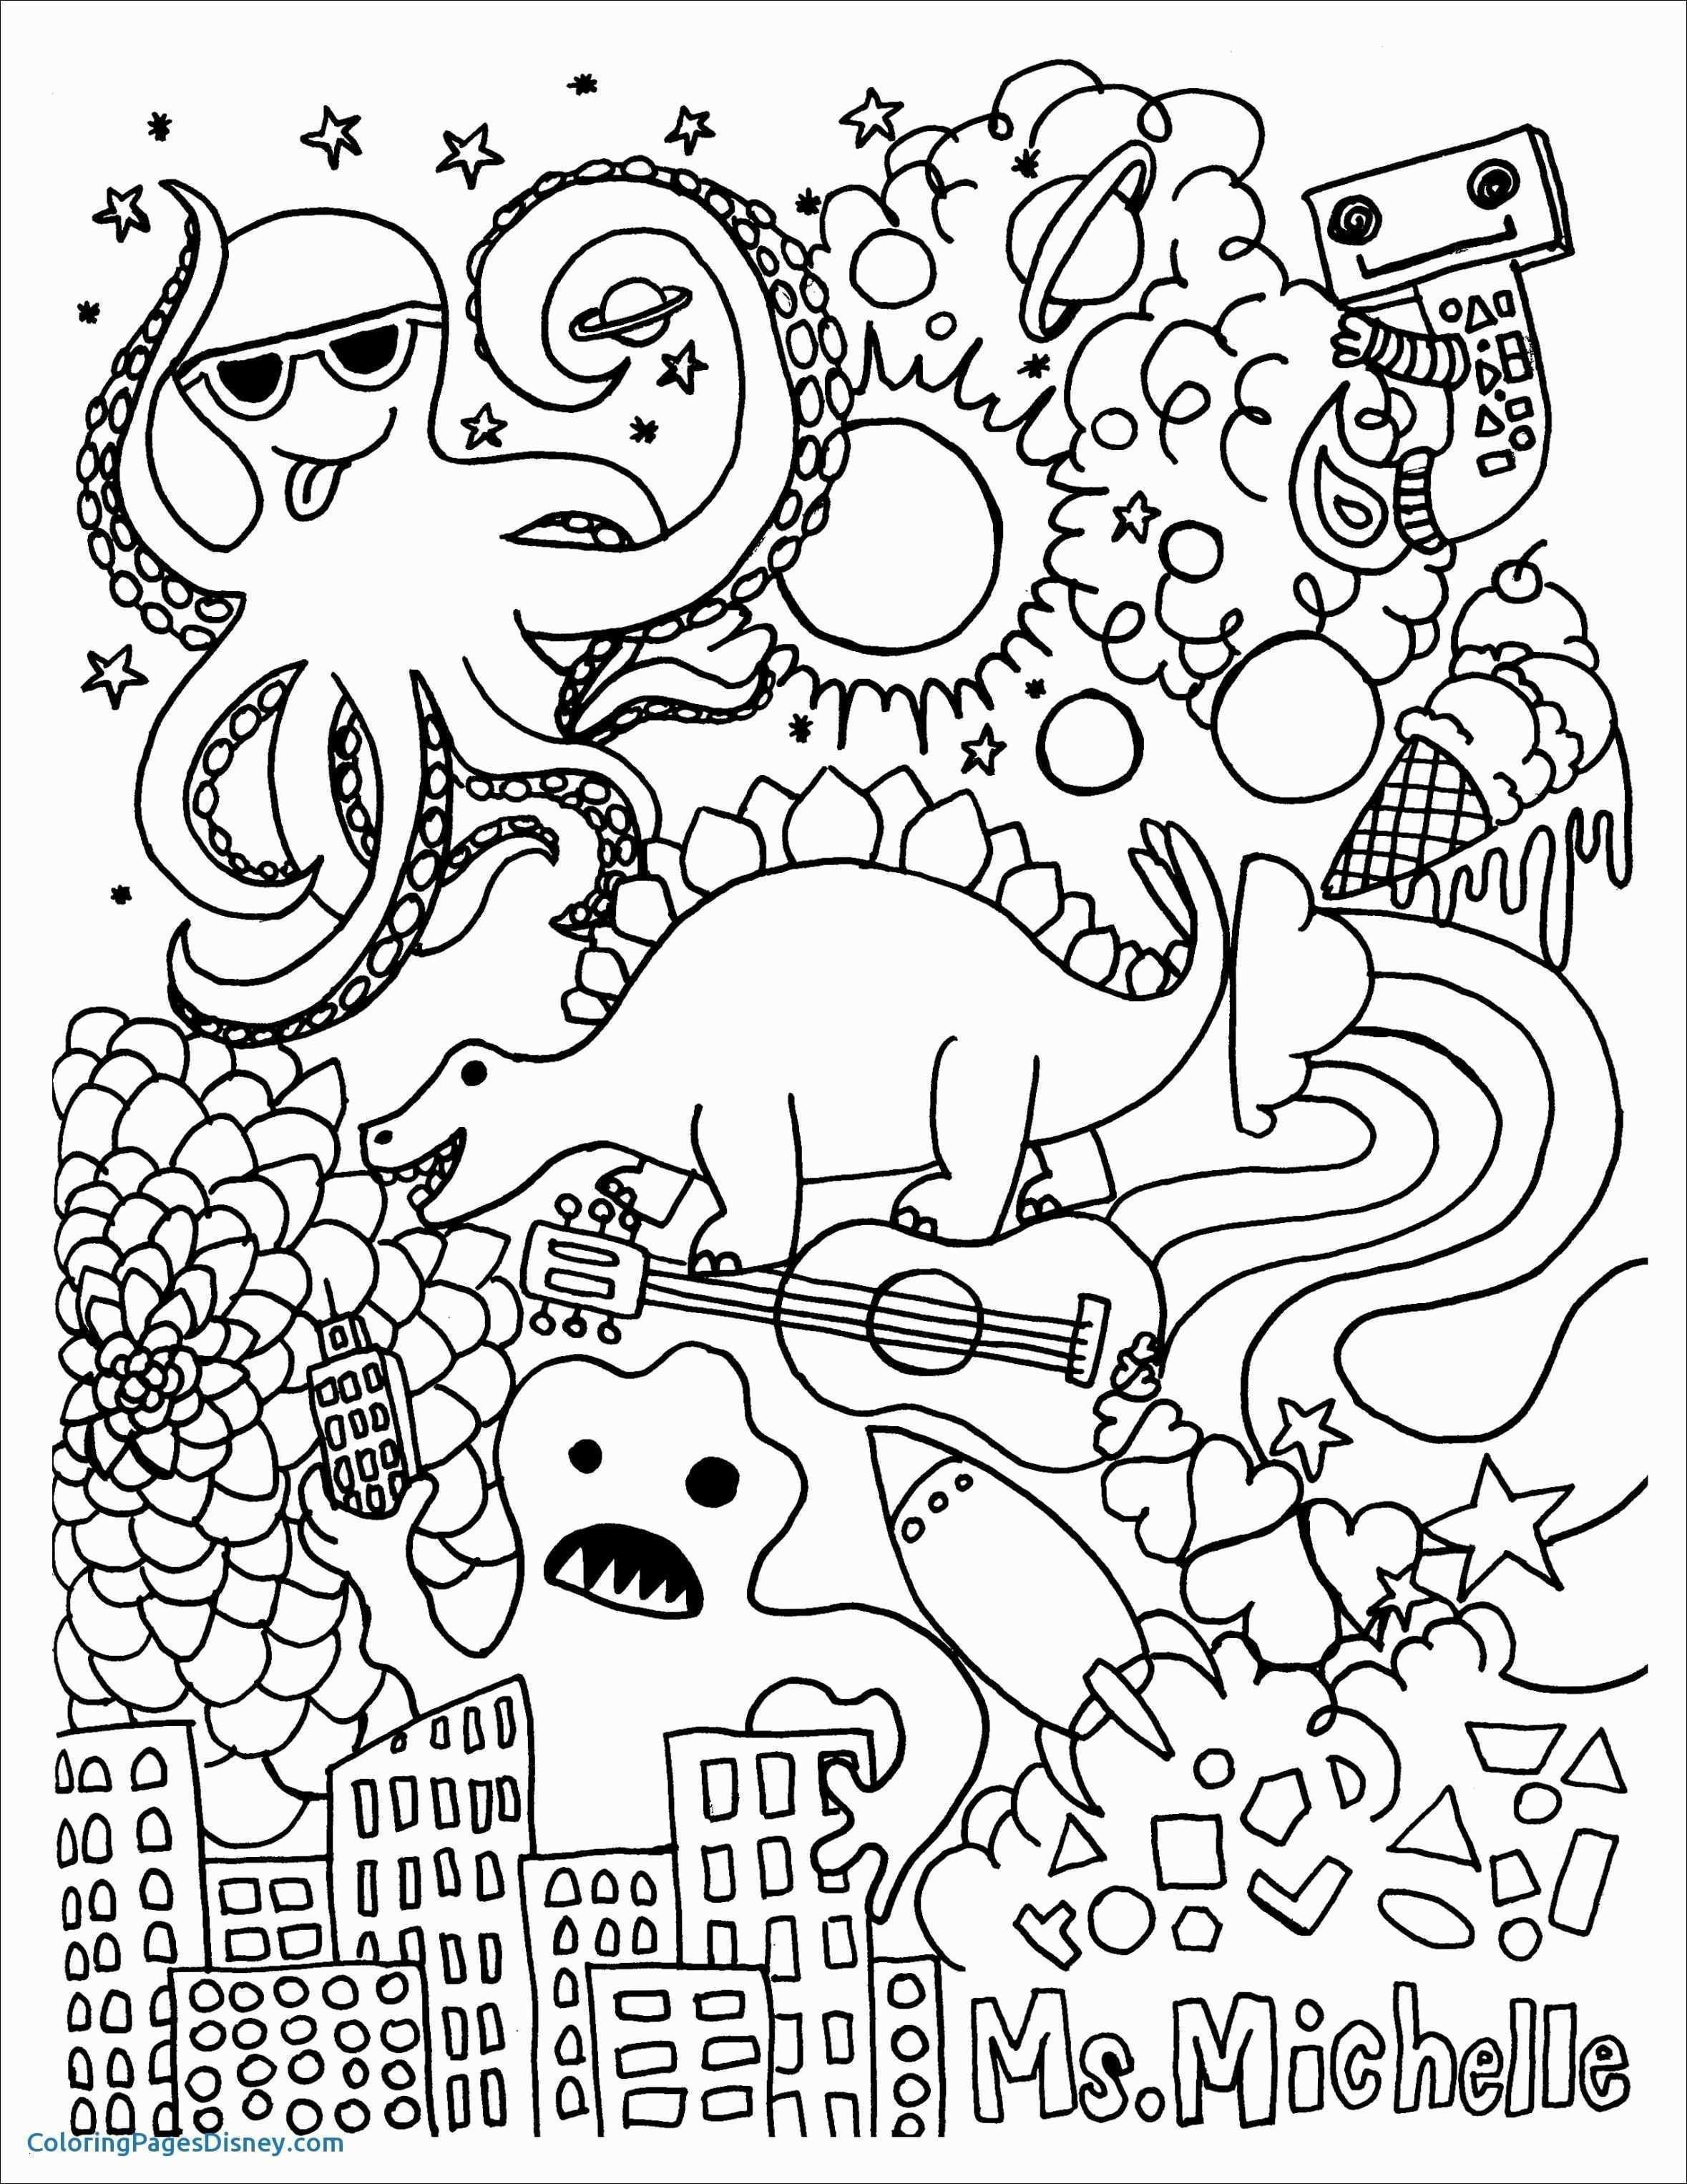 Ausmalbilder Tiere Kostenlos Inspirierend Herbstblatt Malvorlage Malvorlagen Zeichnen Ausmalbilder Herbst Galerie